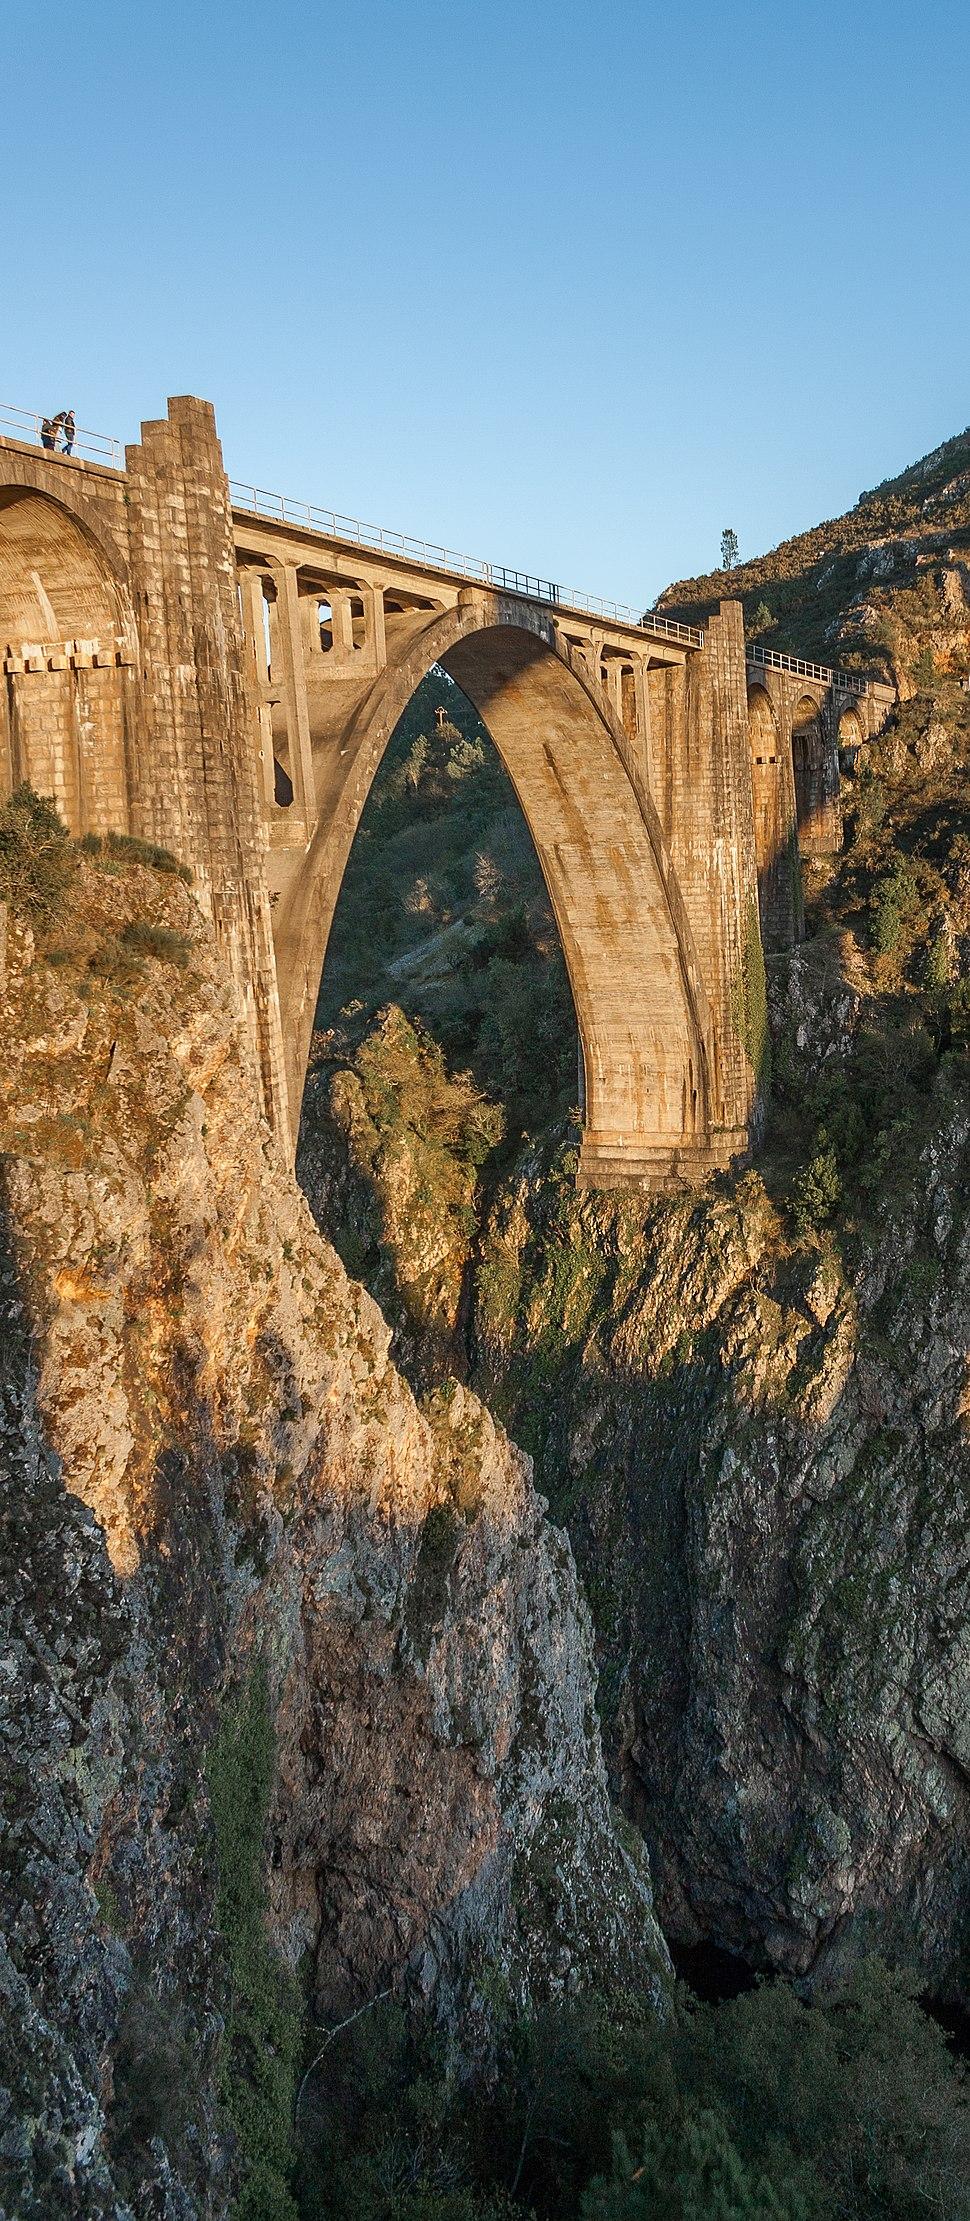 Gundián bridge, in Ponte Ulla, Vedra, Galicia, Spain (1 de 1)